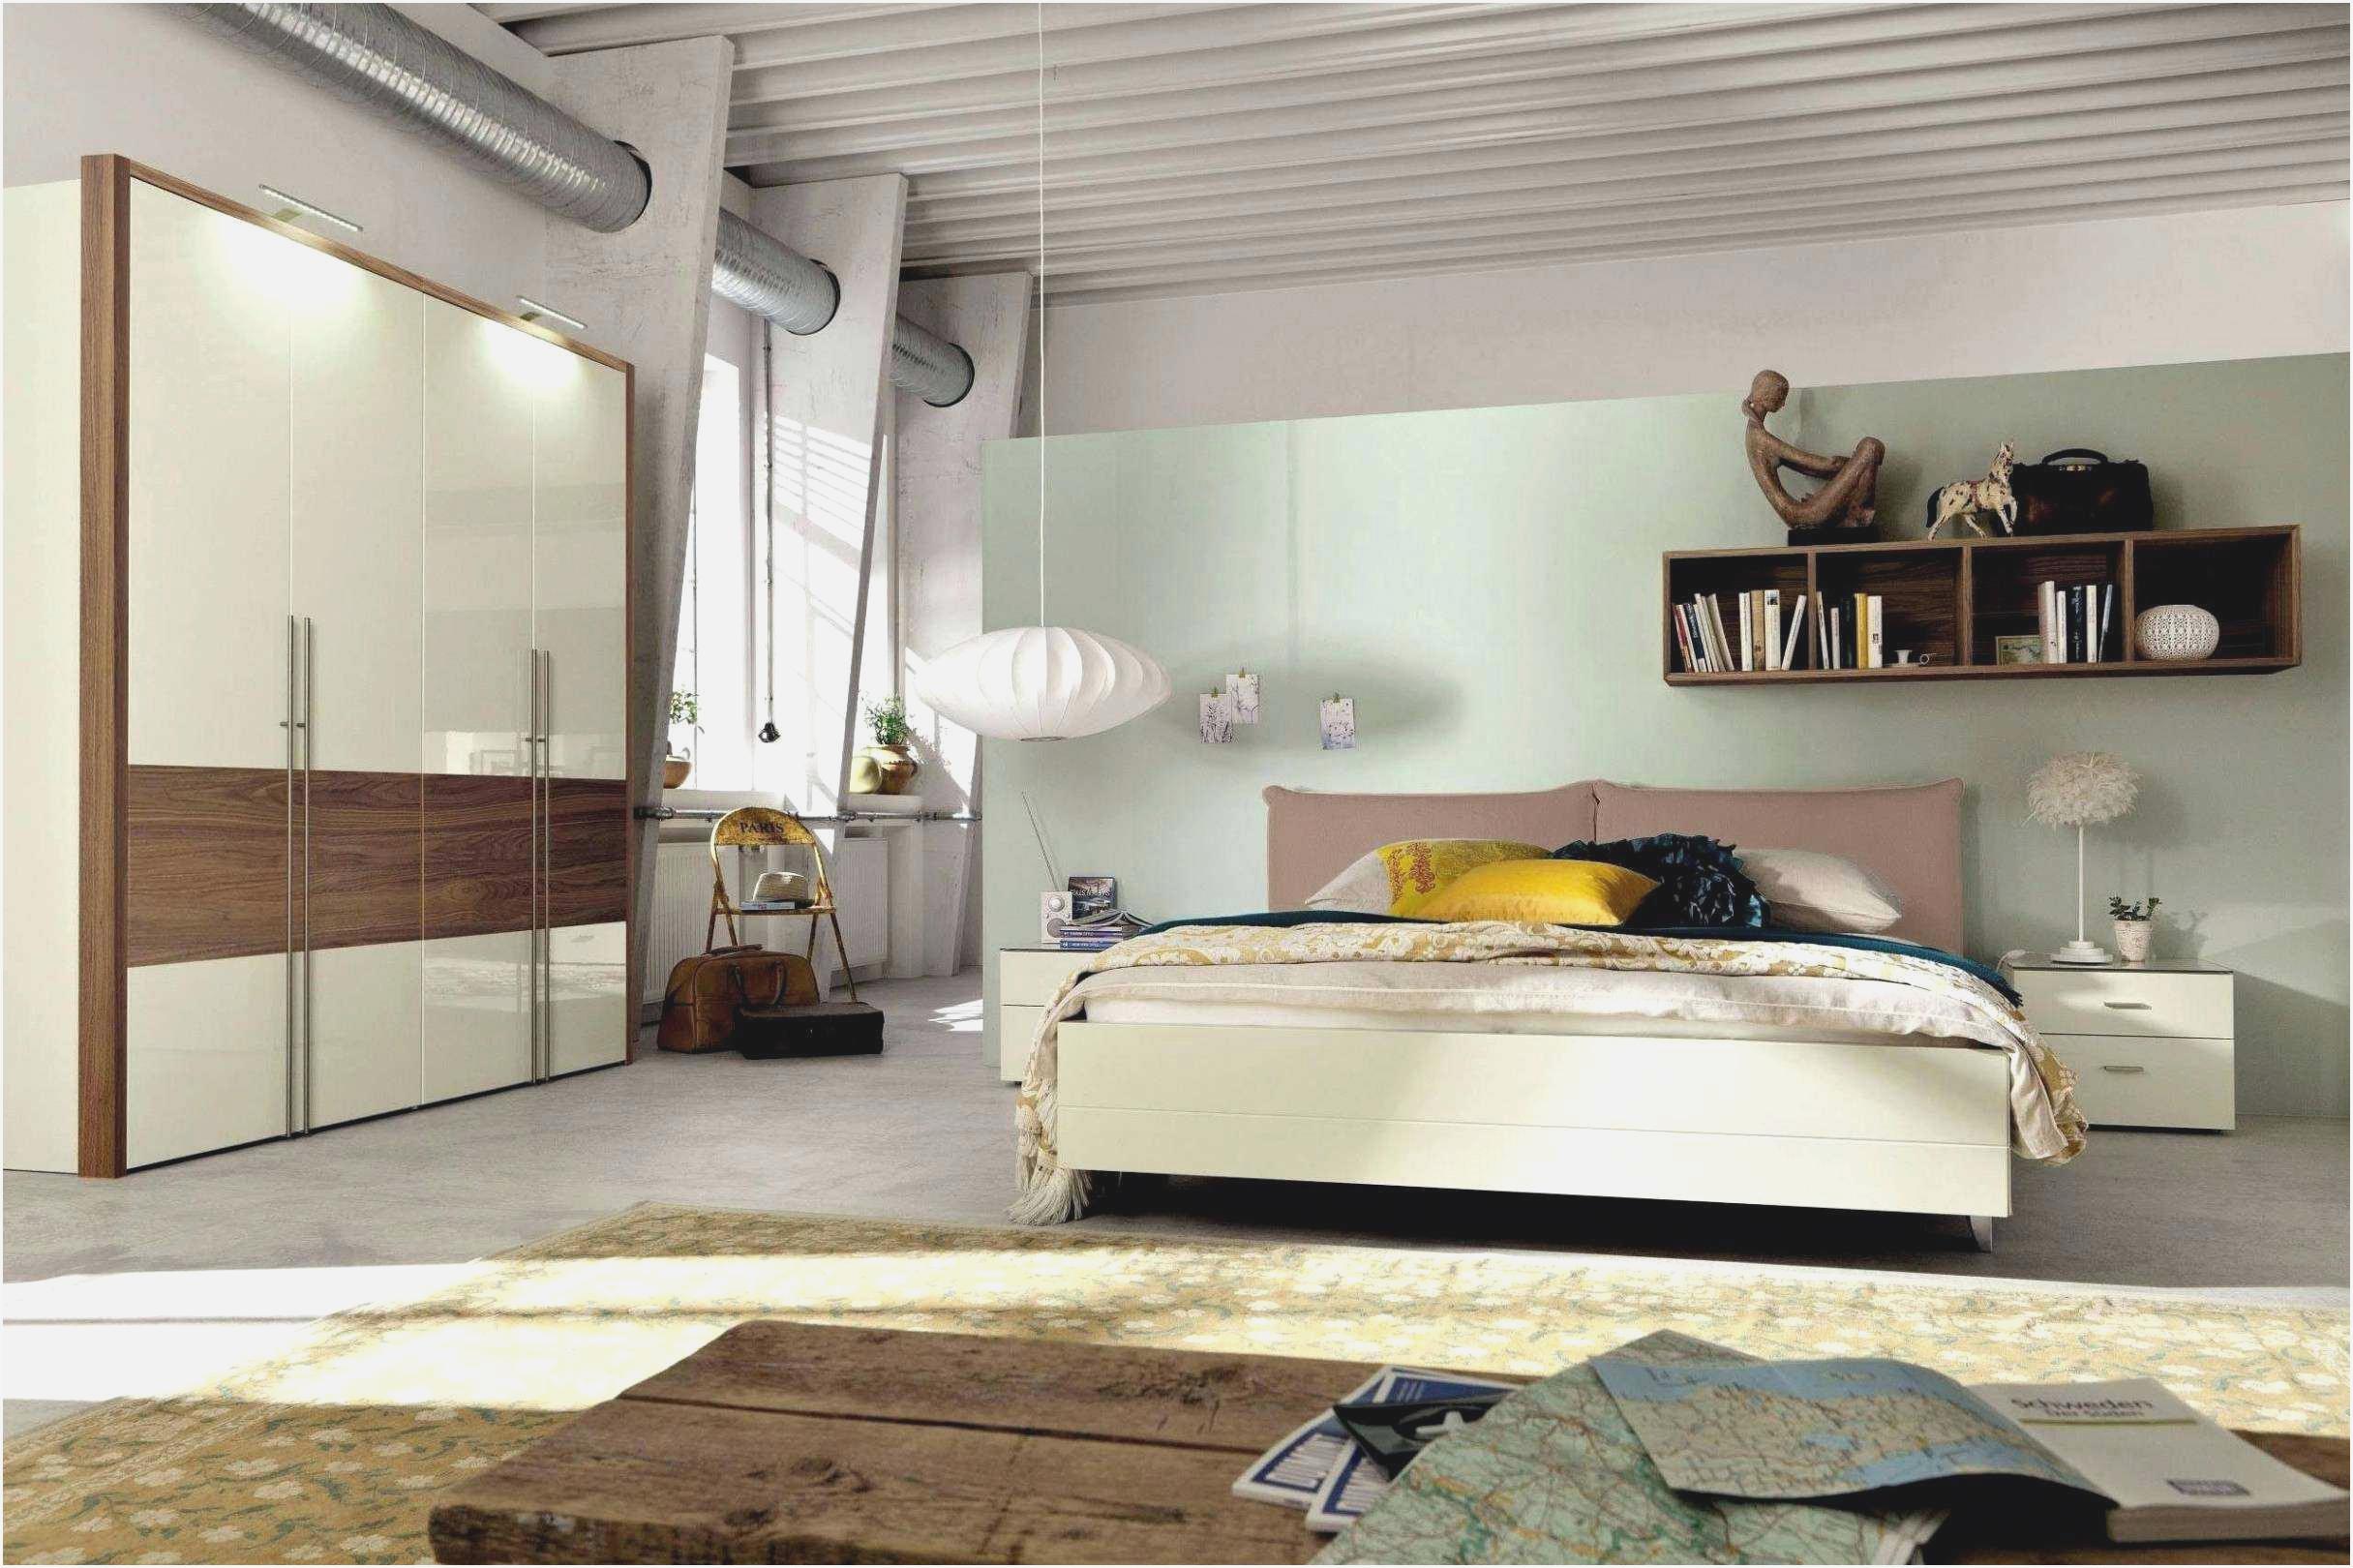 Full Size of Ikea Schlafzimmer Gestalten Traumhaus Dekoration Komplett Massivholz Mit überbau Betten Set Weiß Wiemann Deckenleuchte Schränke Klimagerät Für Wohnzimmer Schlafzimmer Gestalten